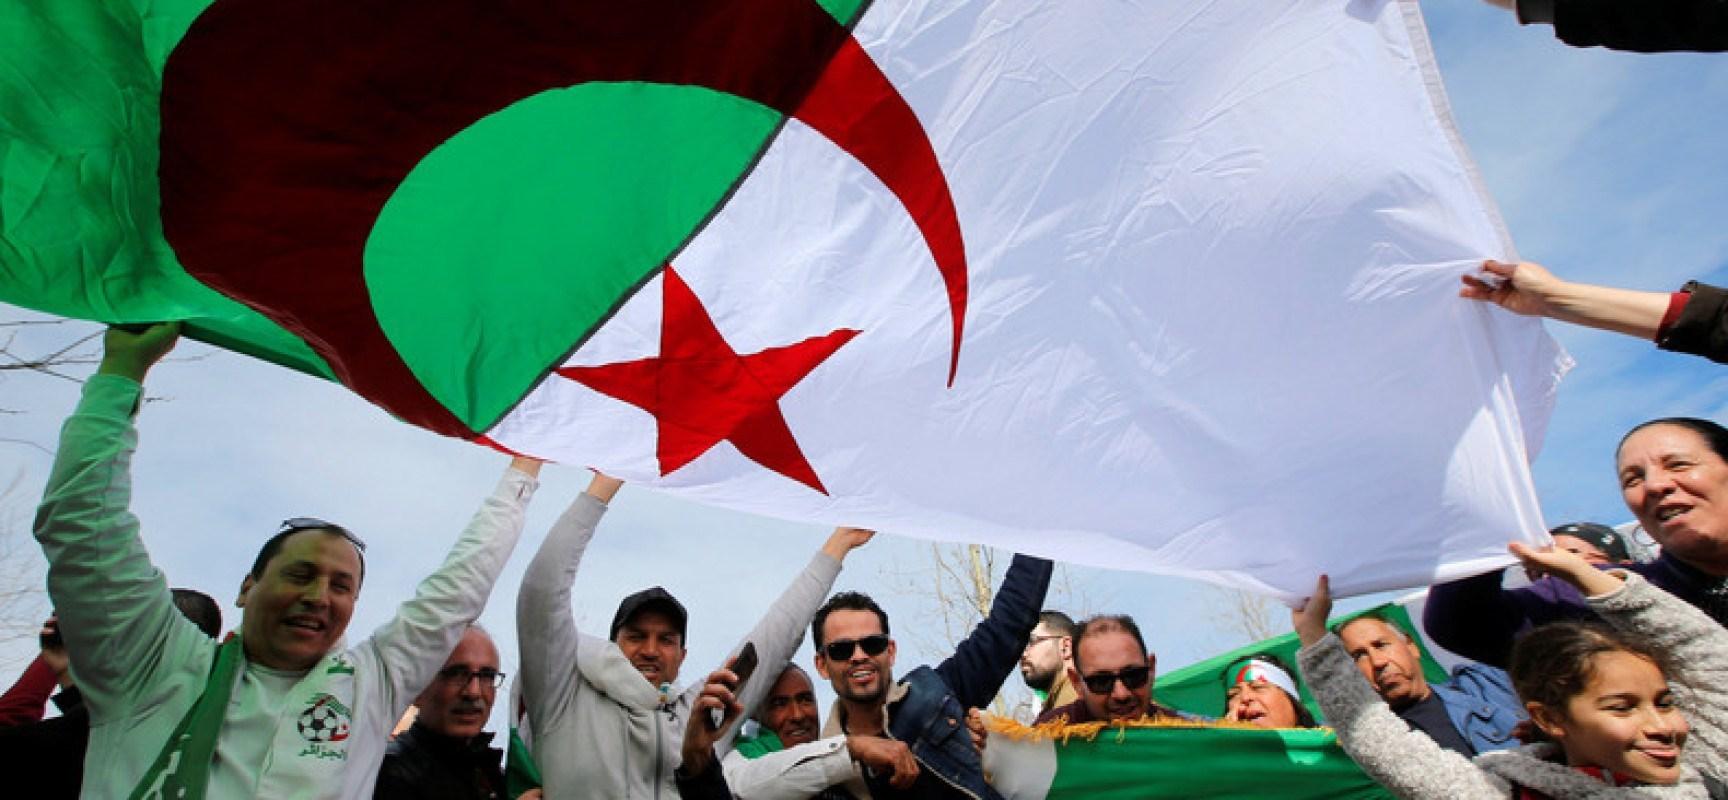 الجزائر.. عواصف الحراك والتغيير السلمي